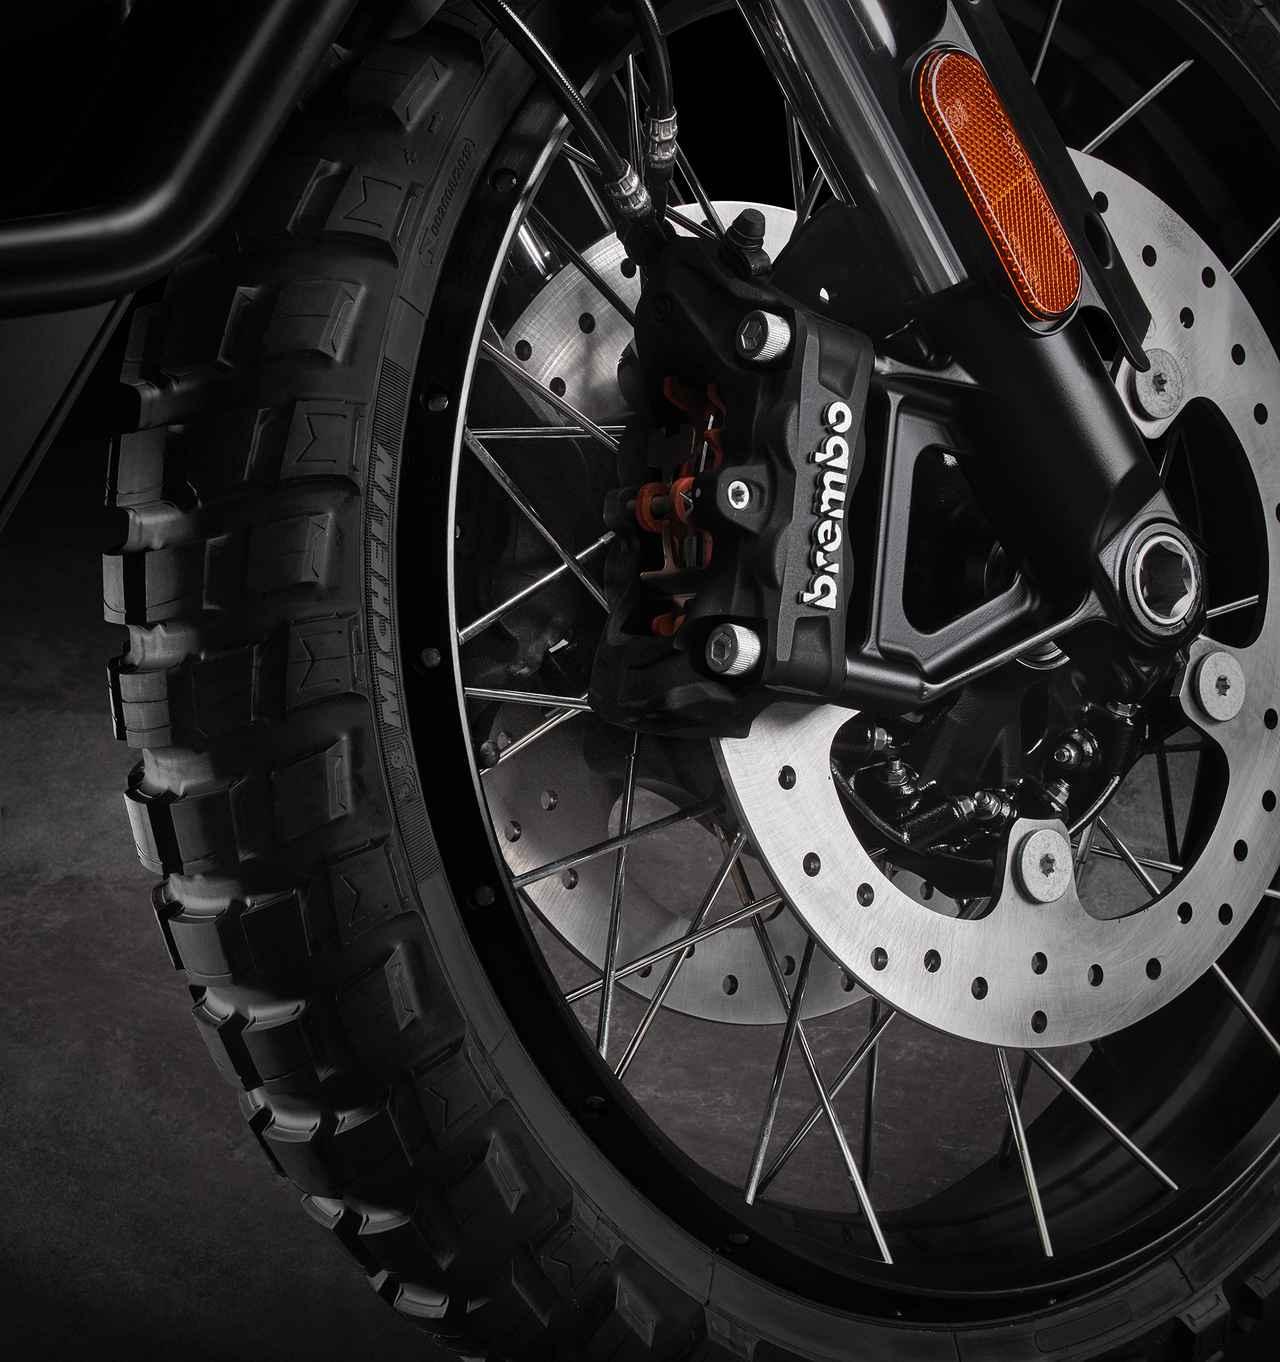 Images : 2番目の画像 - 「ハーレー初のアドベンチャー「Pan America」が登場!1250ccの新型水冷Vツインエンジン「Revolution Max」とは?【EICMA 2019速報!】」のアルバム - webオートバイ